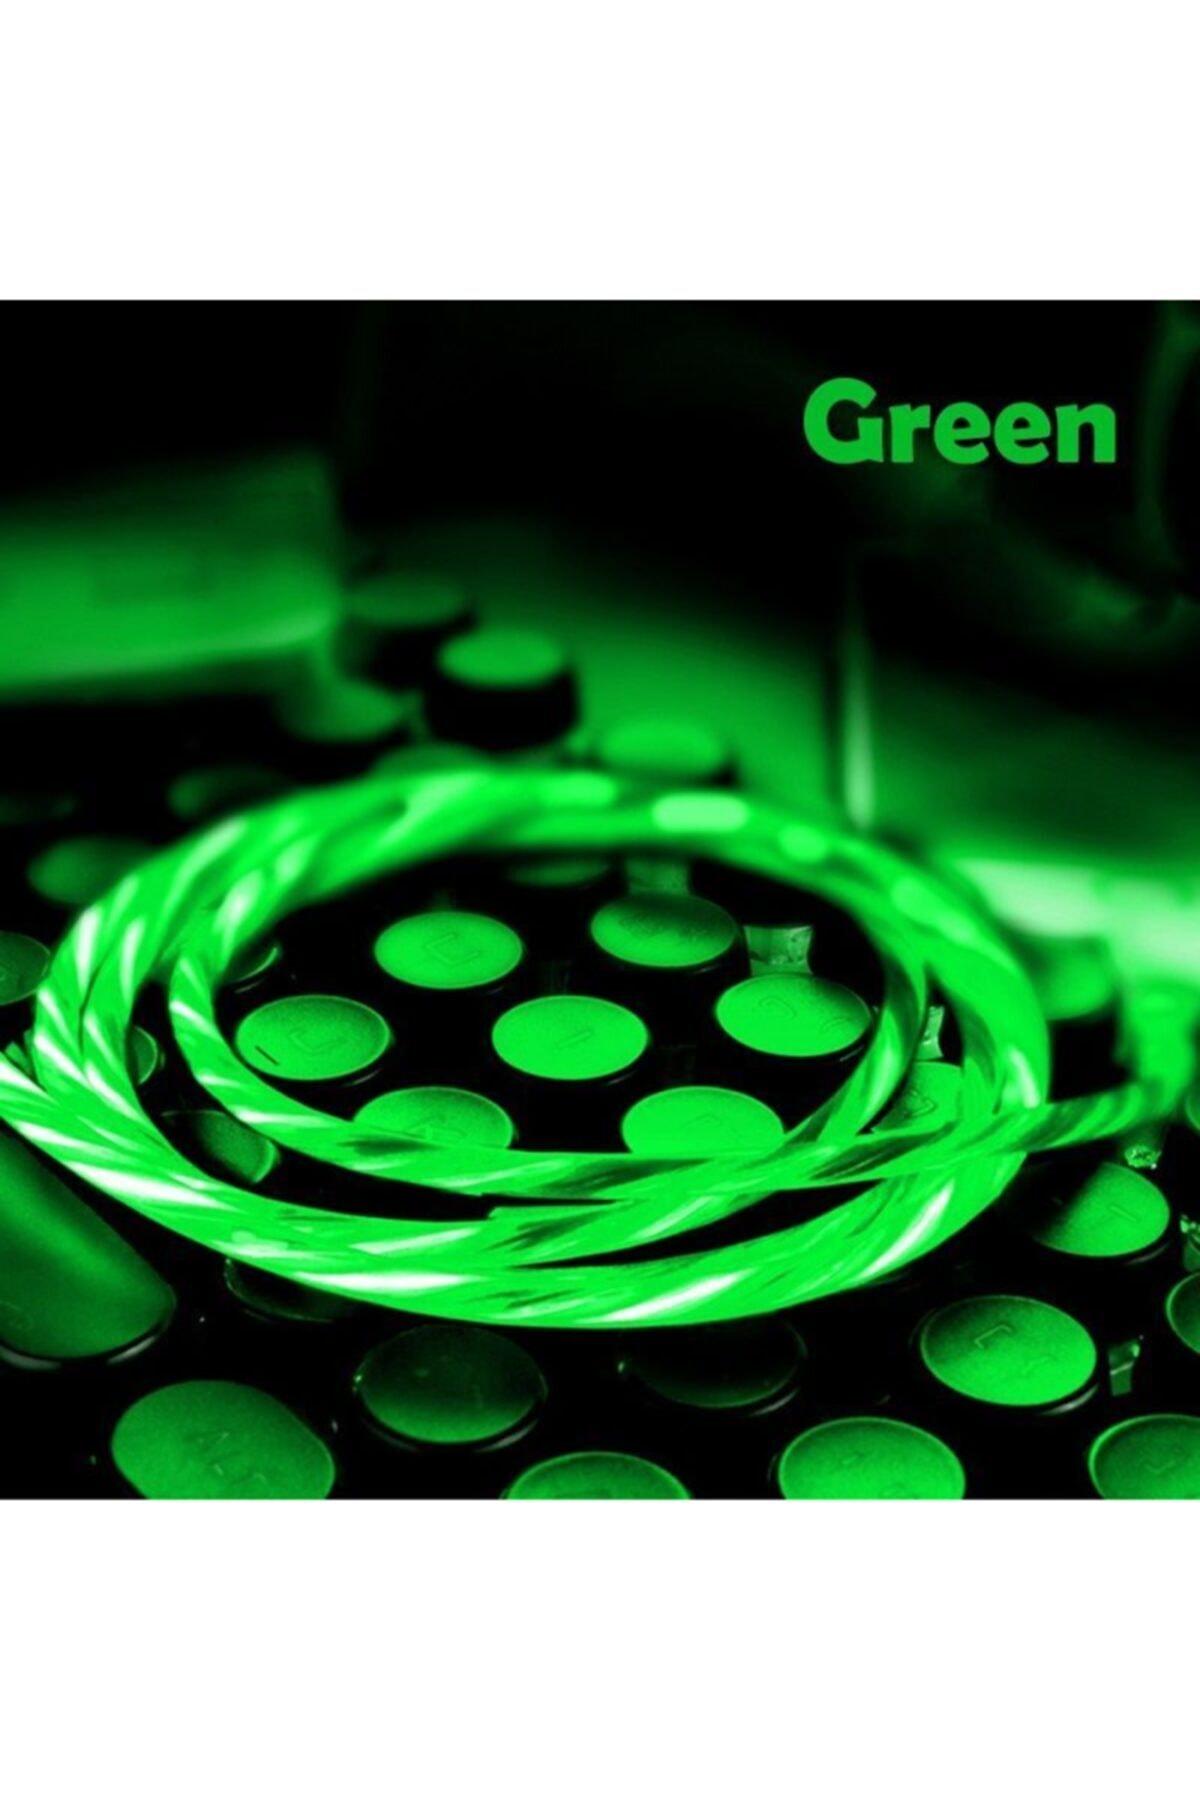 Elmas Micro Usb Full Işıklı Hareketli Manyetik Mıknatıslı Şarj Aleti Sarj Kablosu Yeşil Işıklı 1